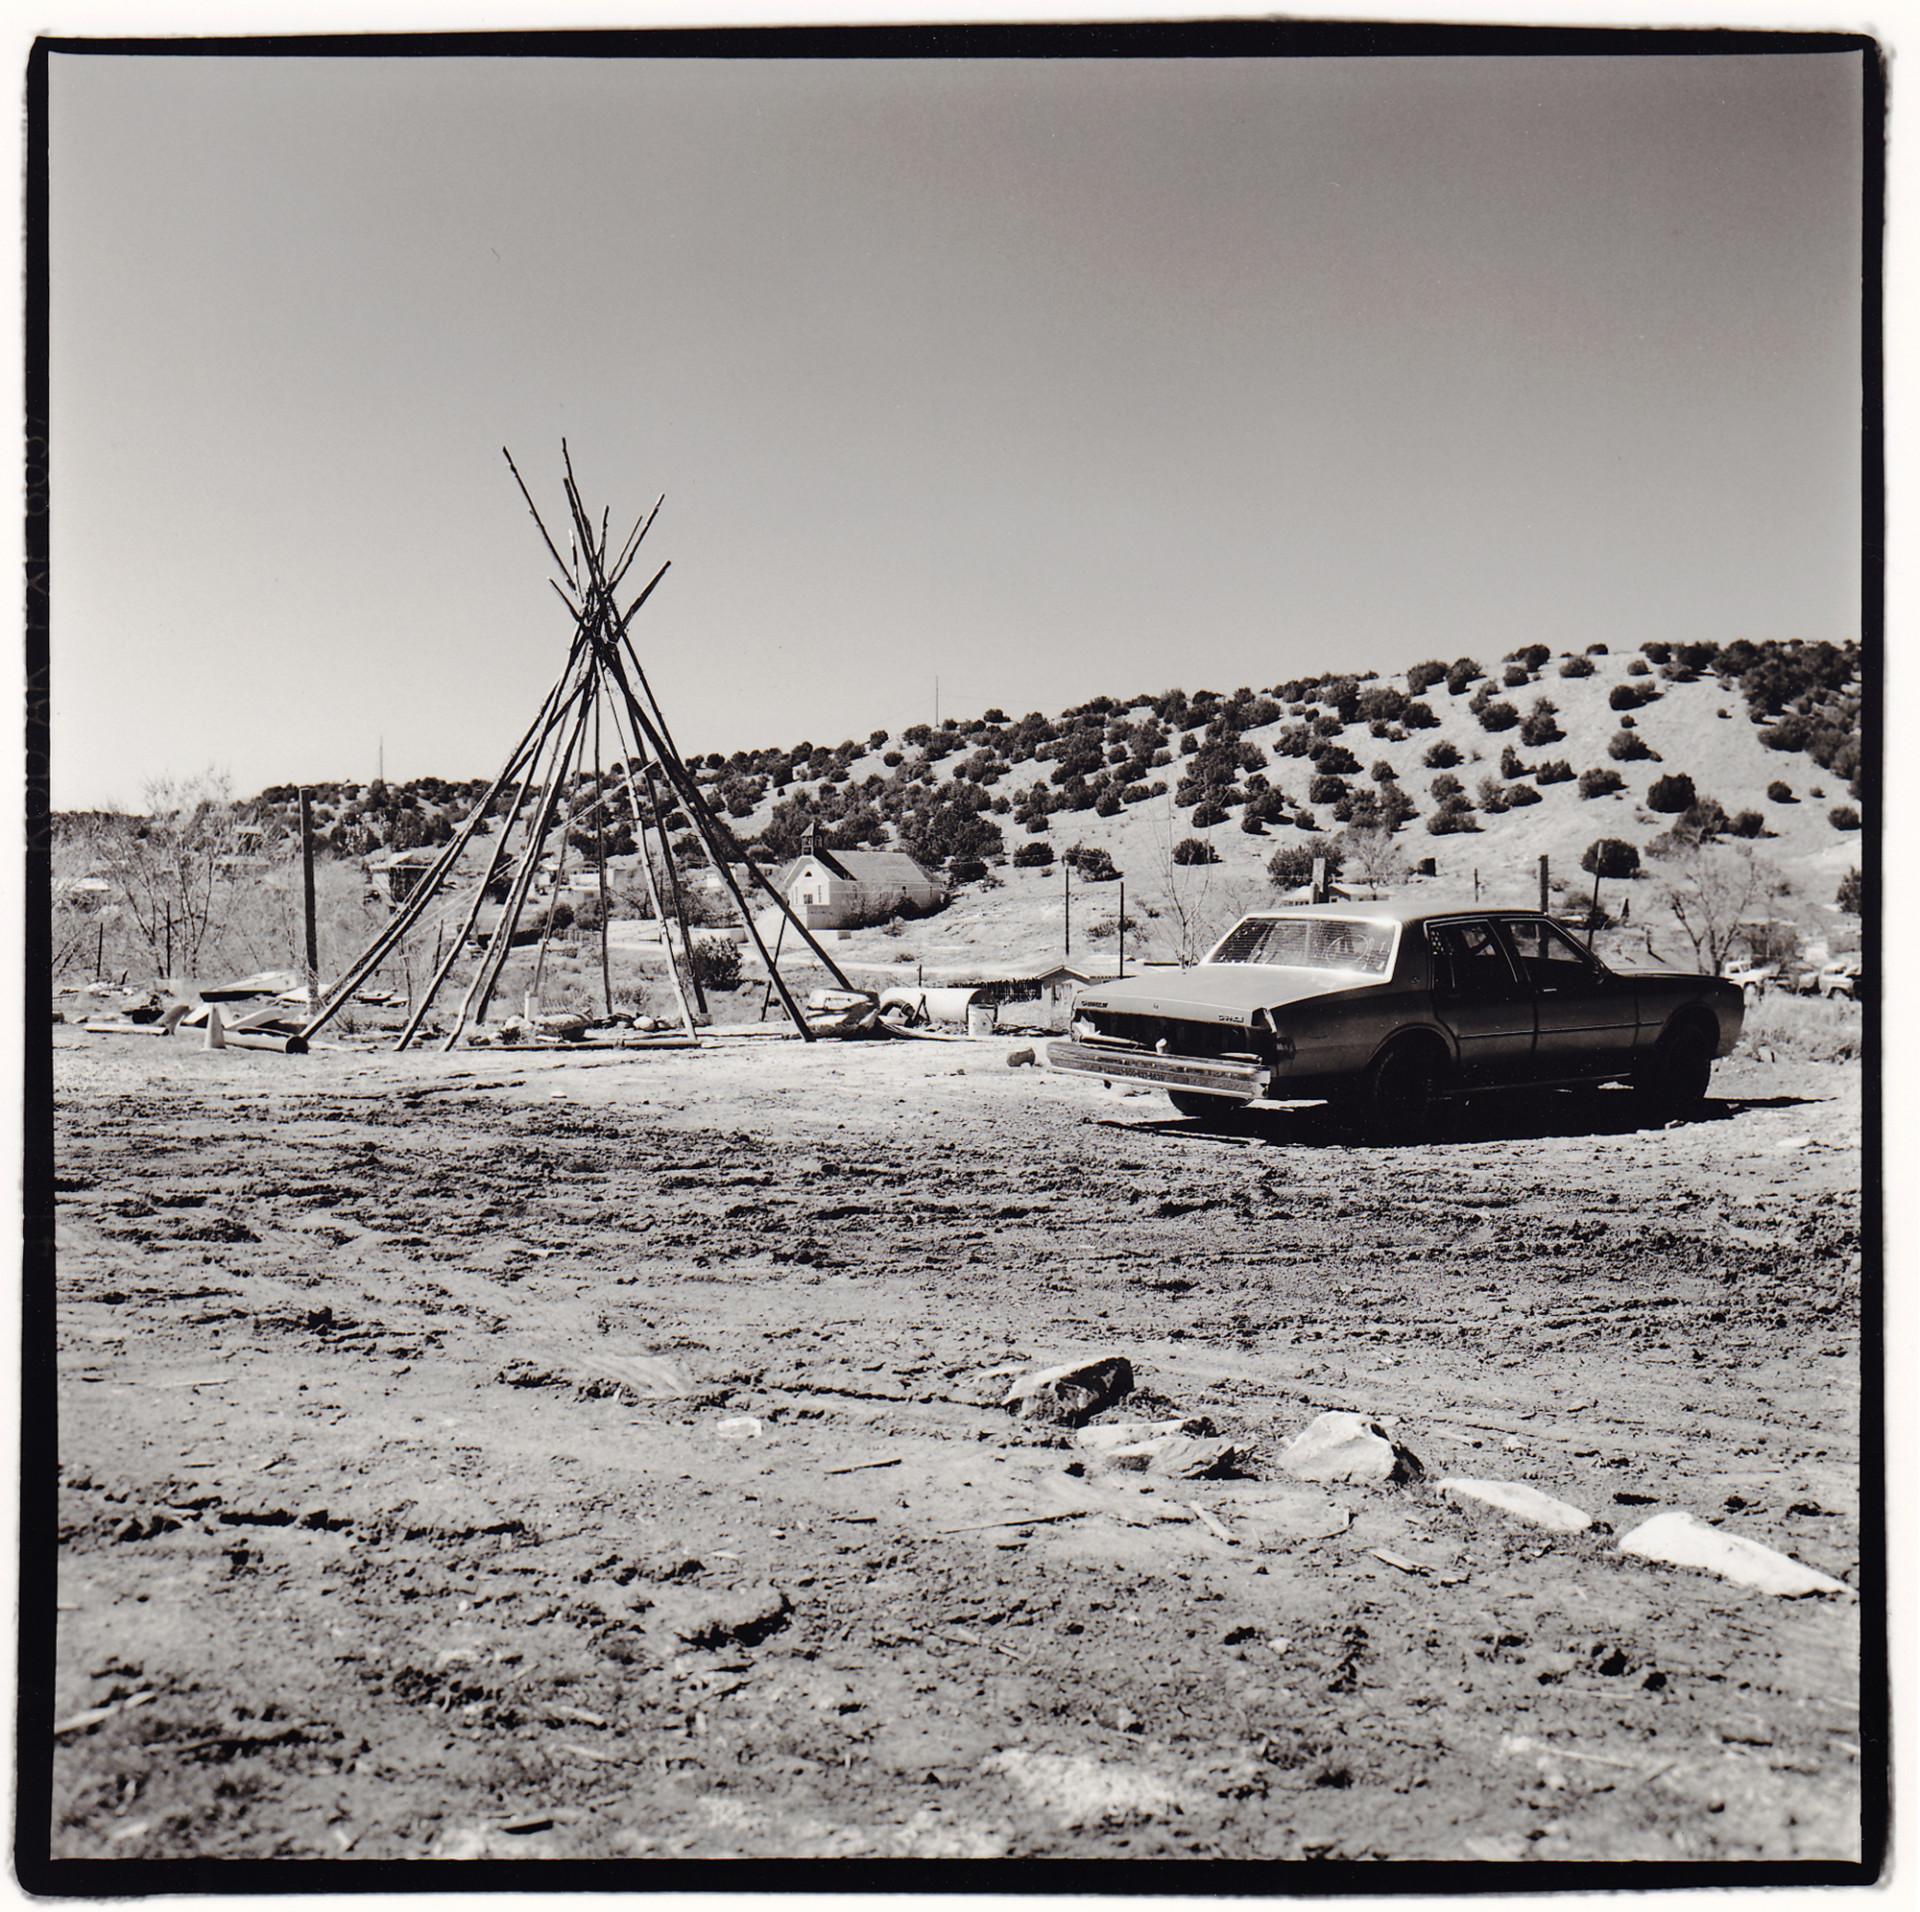 Patrick Gries Un Art Populaire<br/>Fondation Cartier pour l&#8217;art contemporain